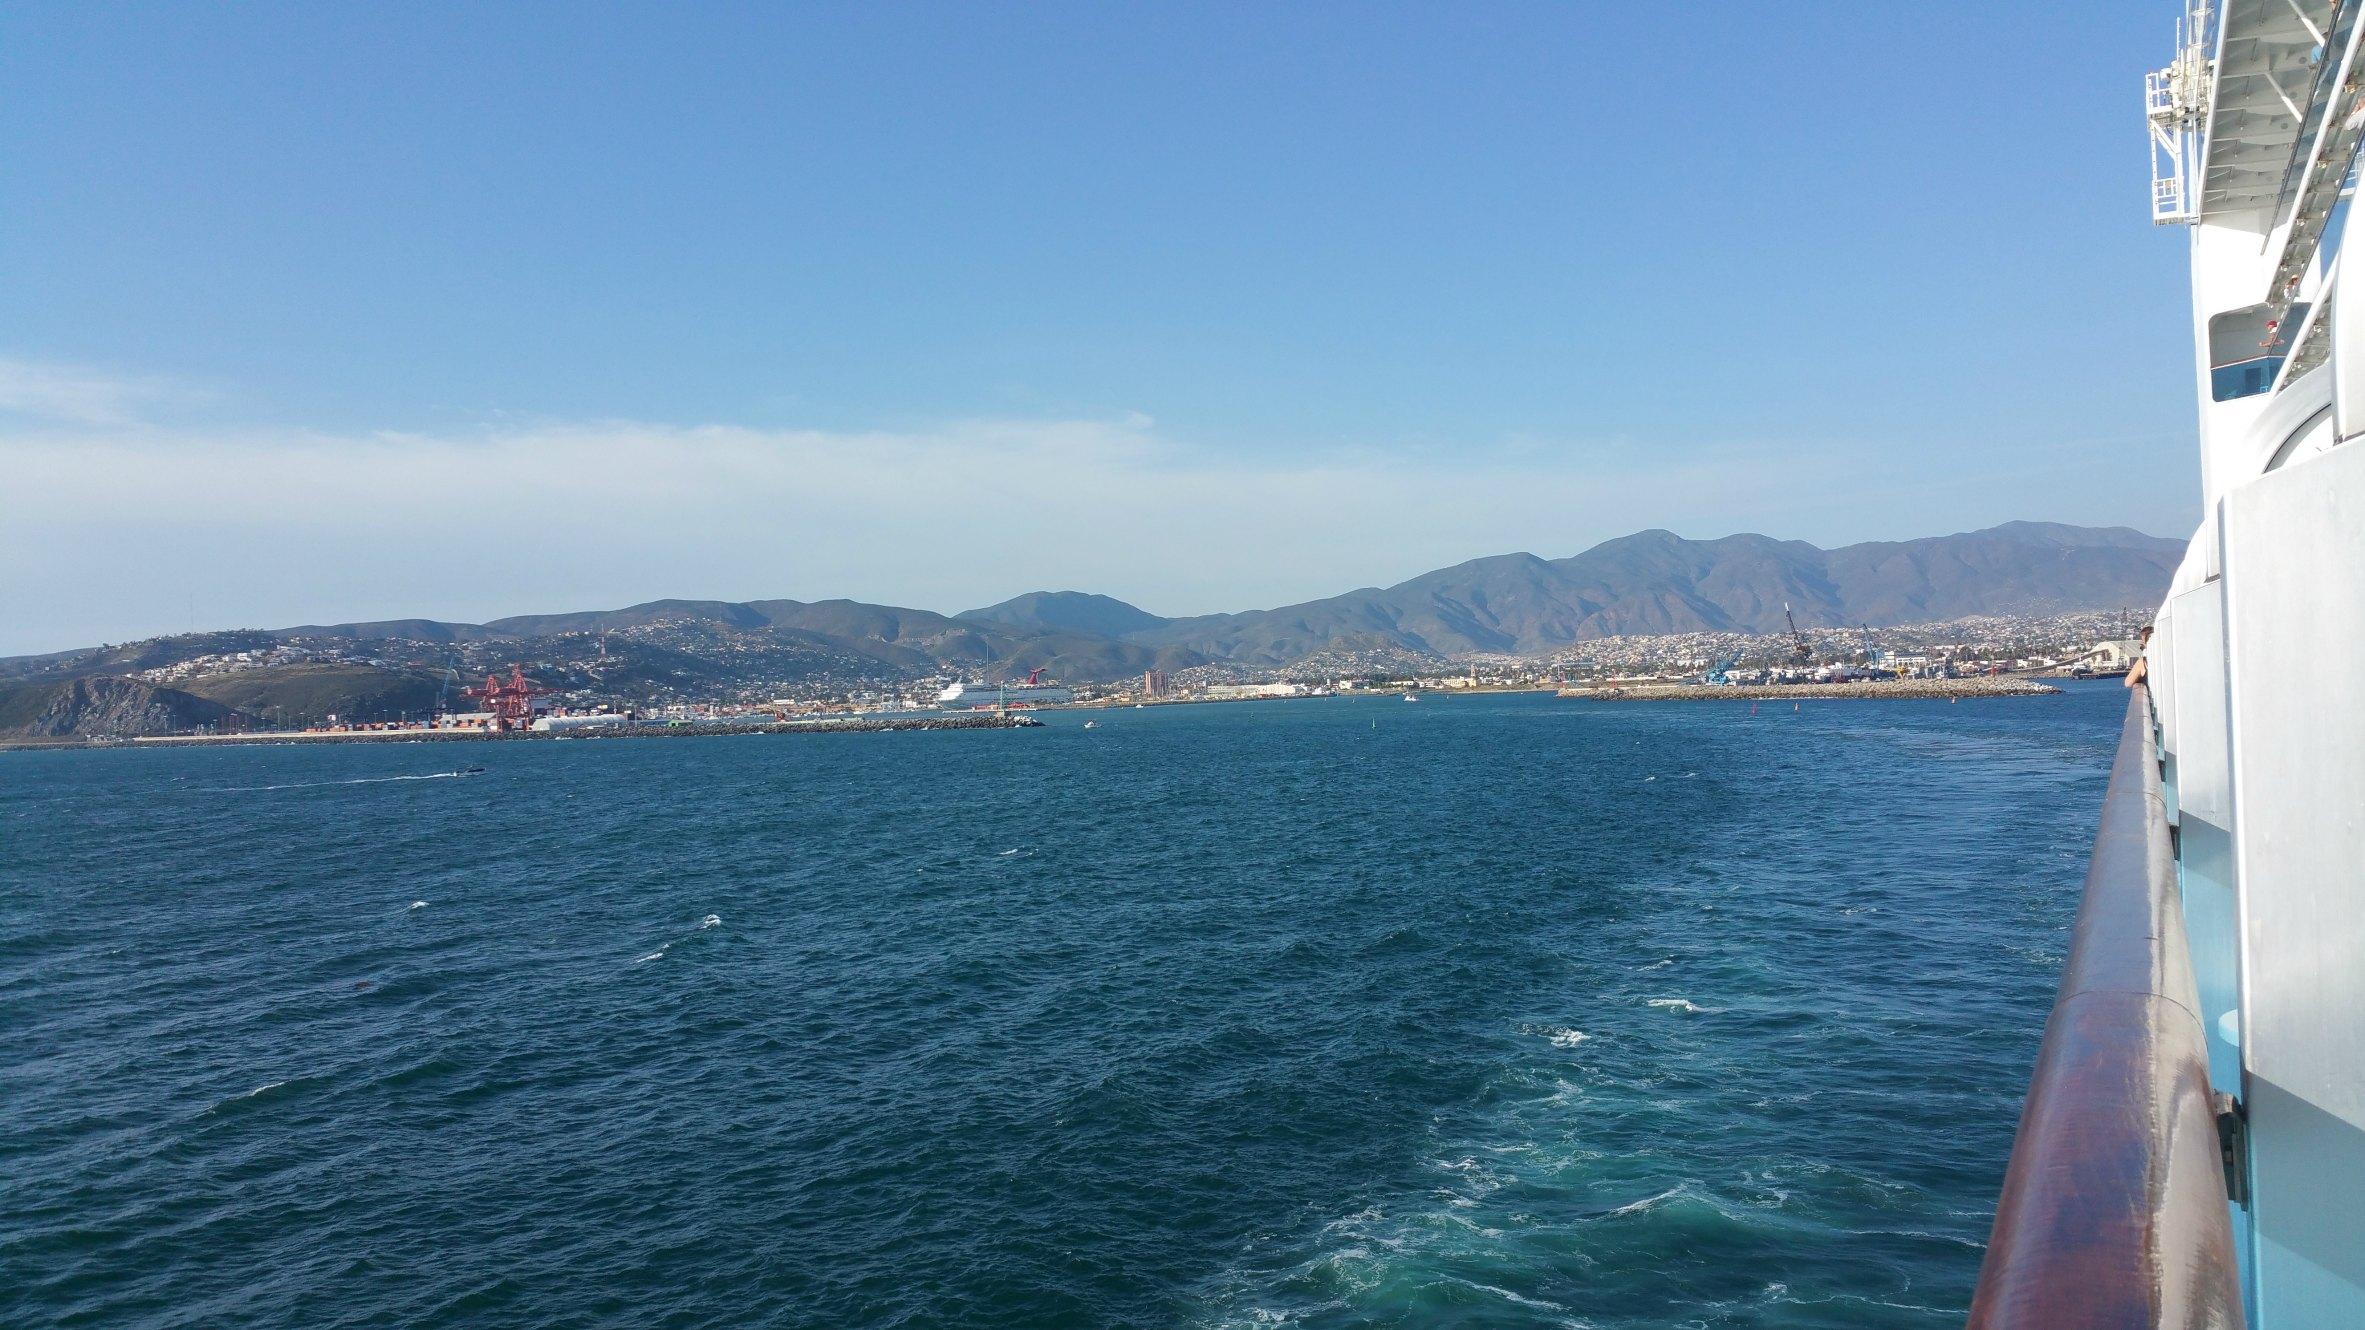 ensenada mexico princess cruise